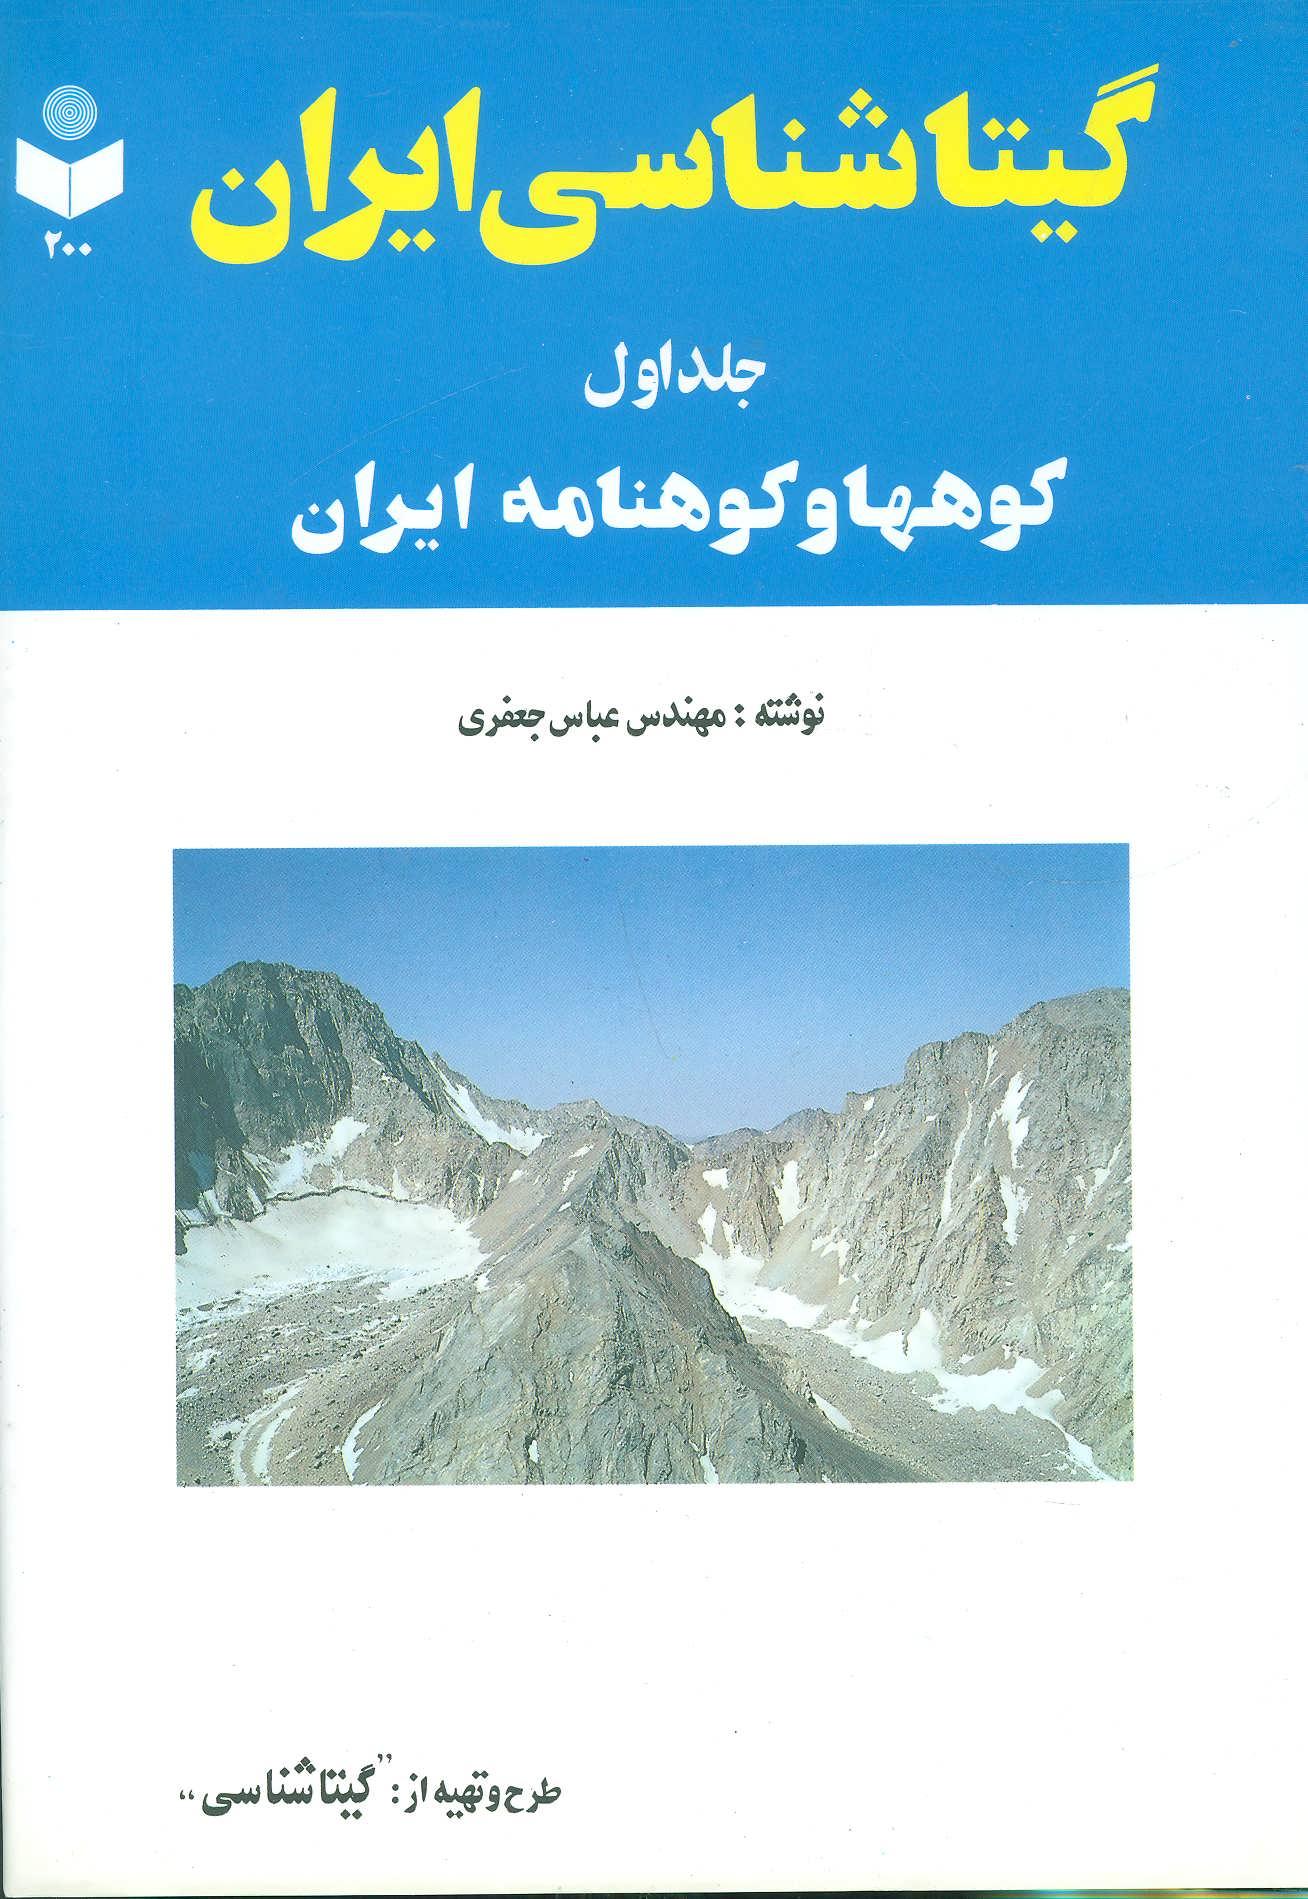 گیتاشناسی ایران 1 (کوهها و کوهنامه ایران)